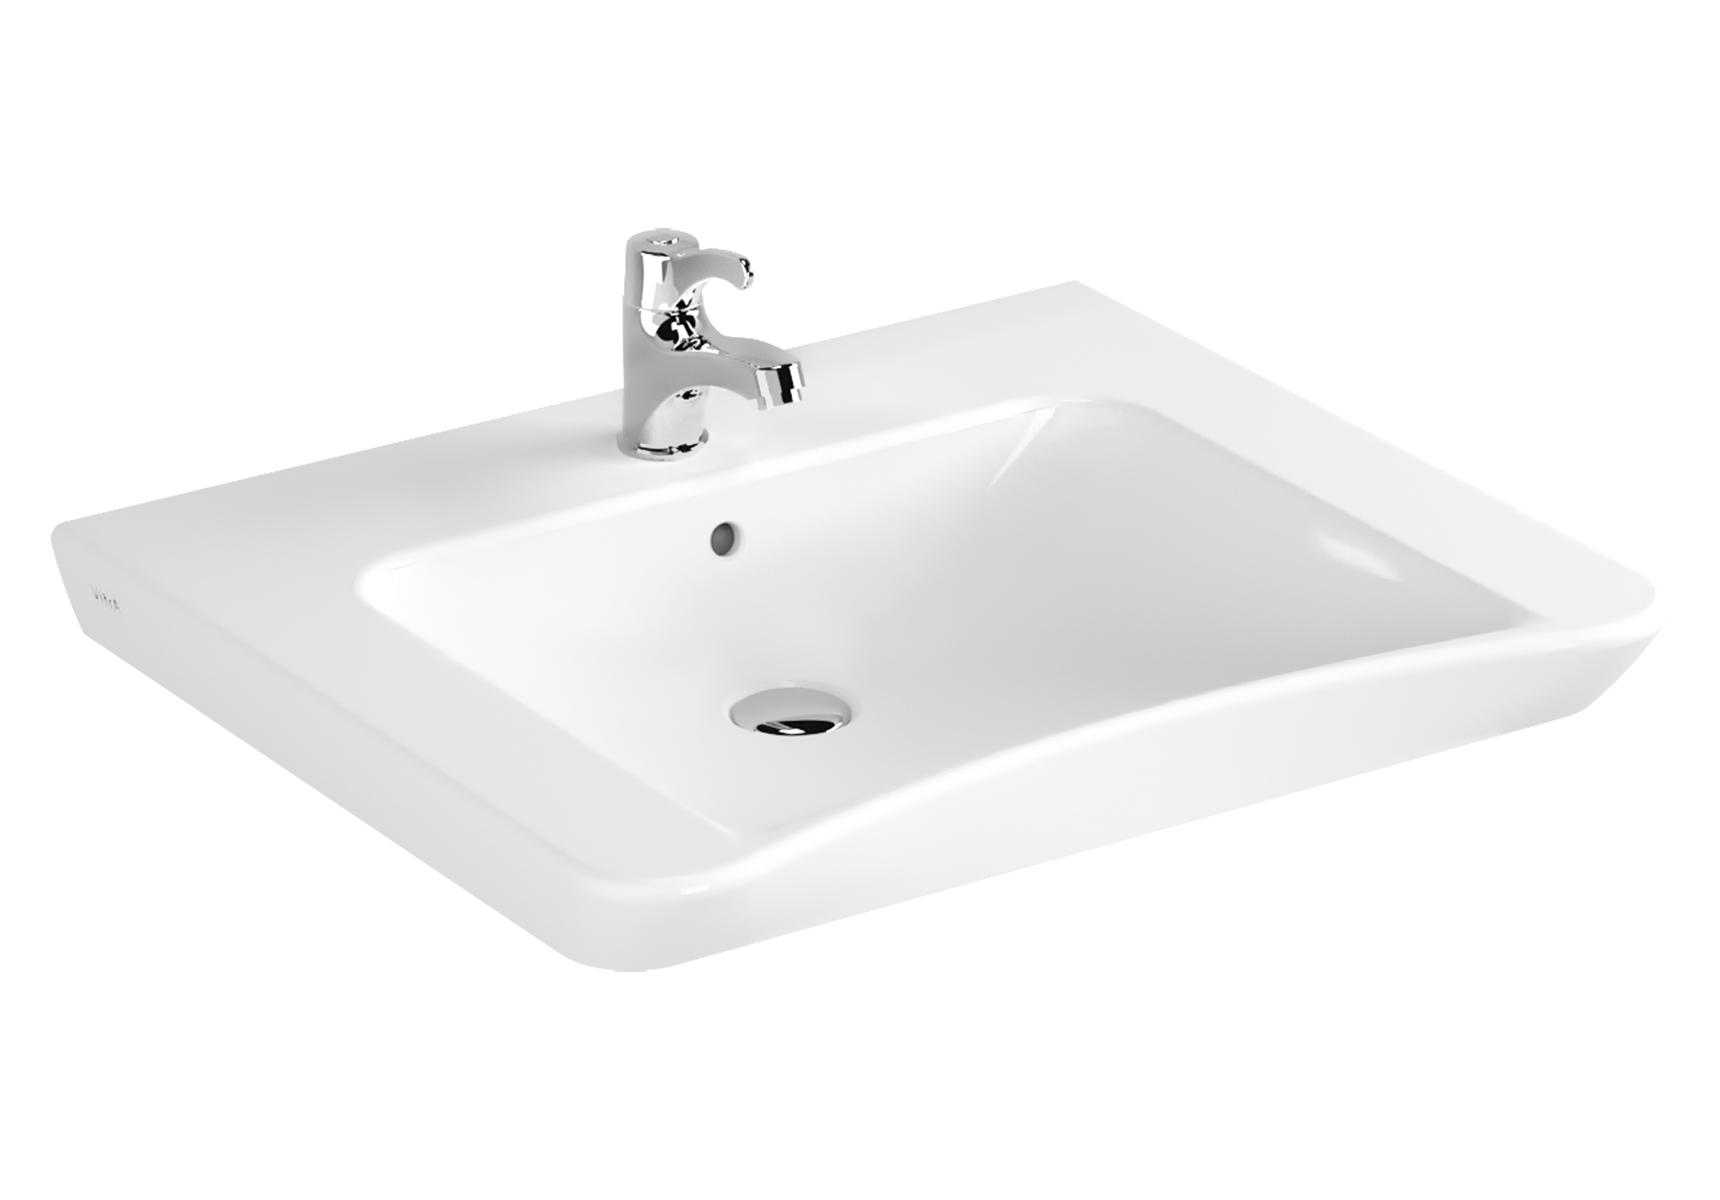 Conforma lavabo PMR, 65 cm, avec équerre de fixation, avec trou de robinet de trop-plein